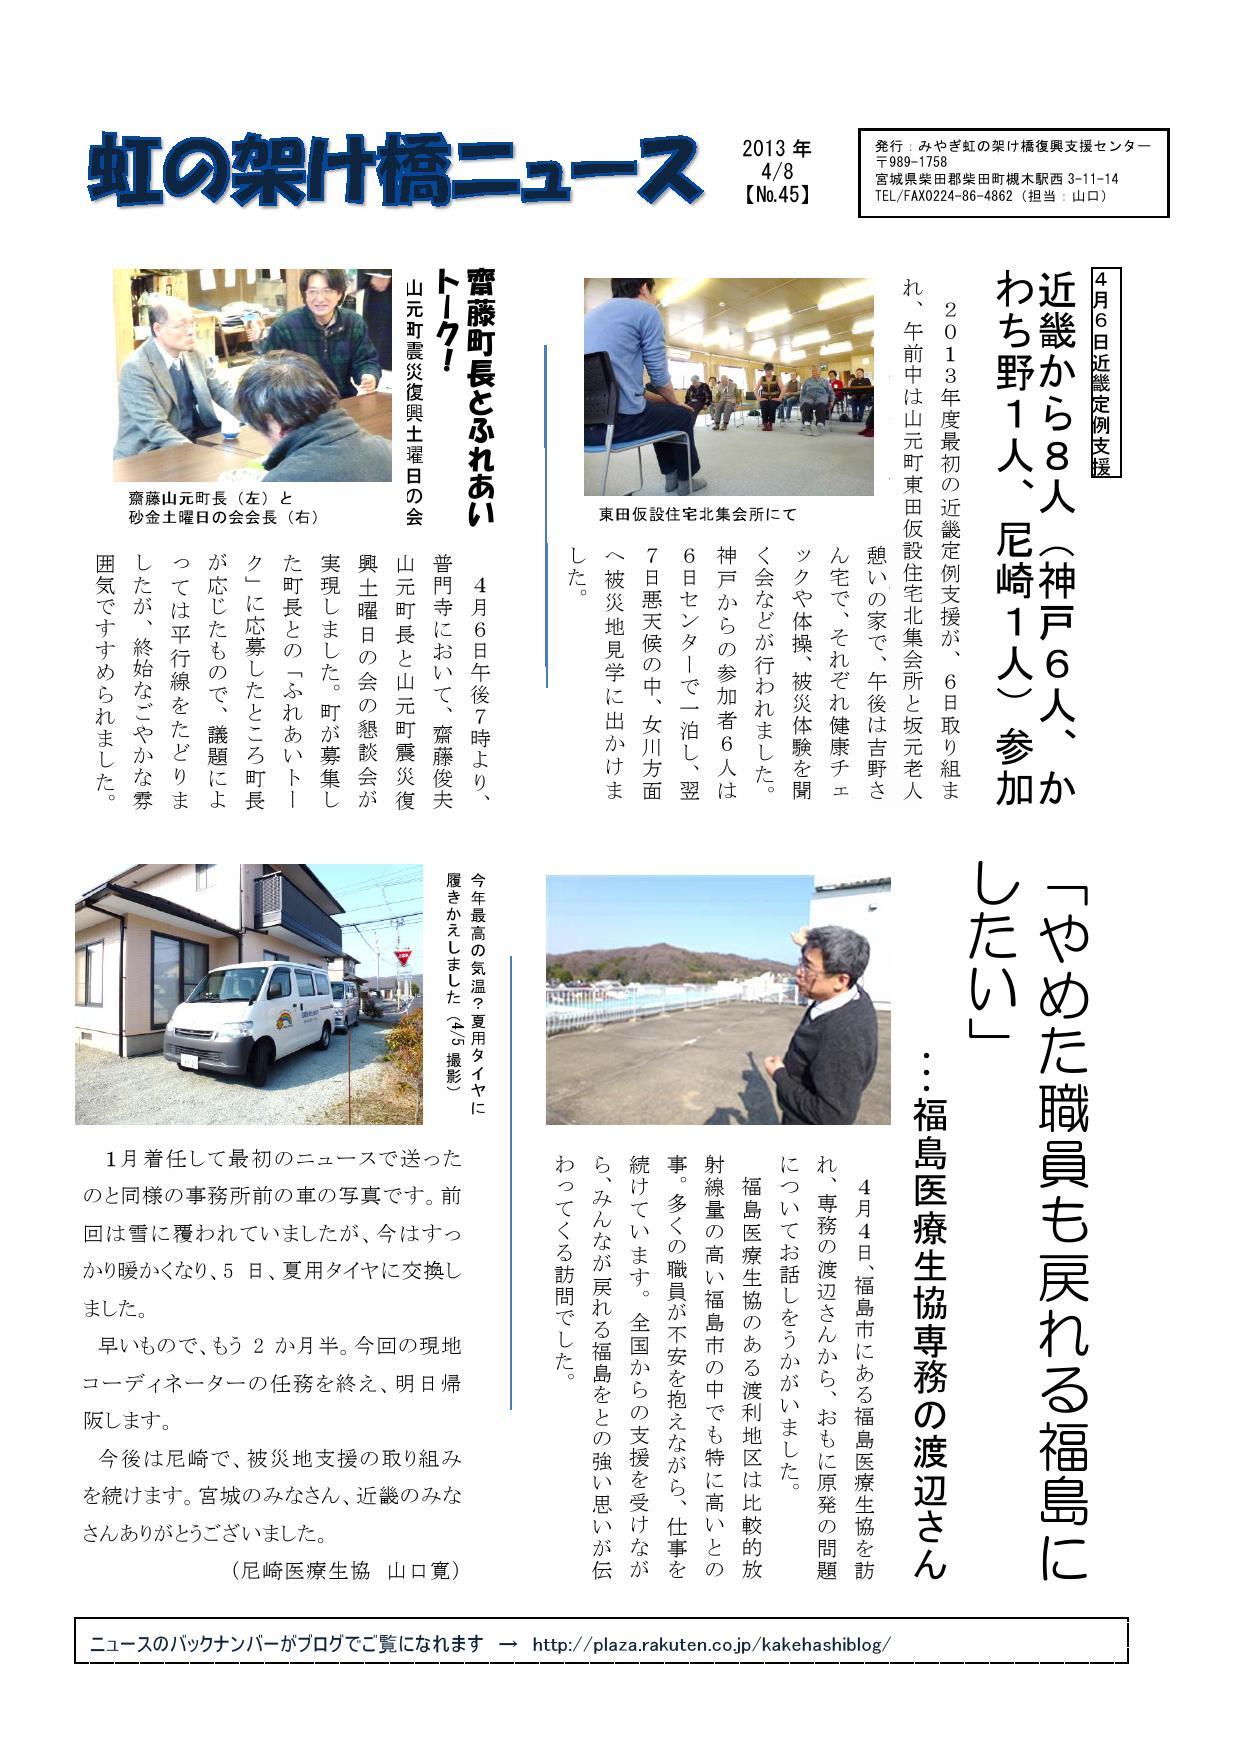 虹の架け橋ニュースNo,45(130408)0001.jpg